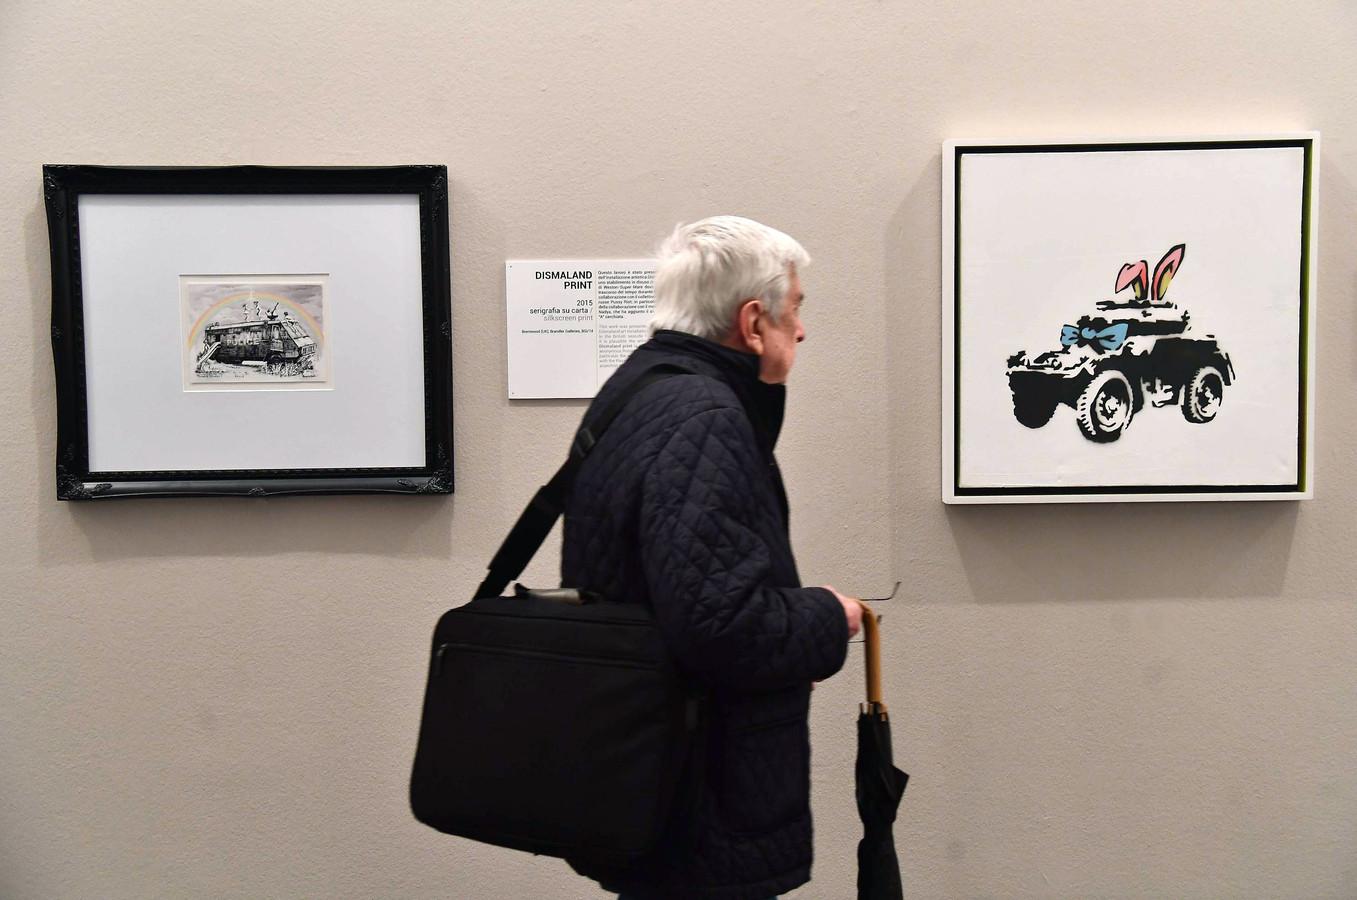 Illustration. Les oeuvres de Banksy ont récemment été exposée à Gênes, en Italie.